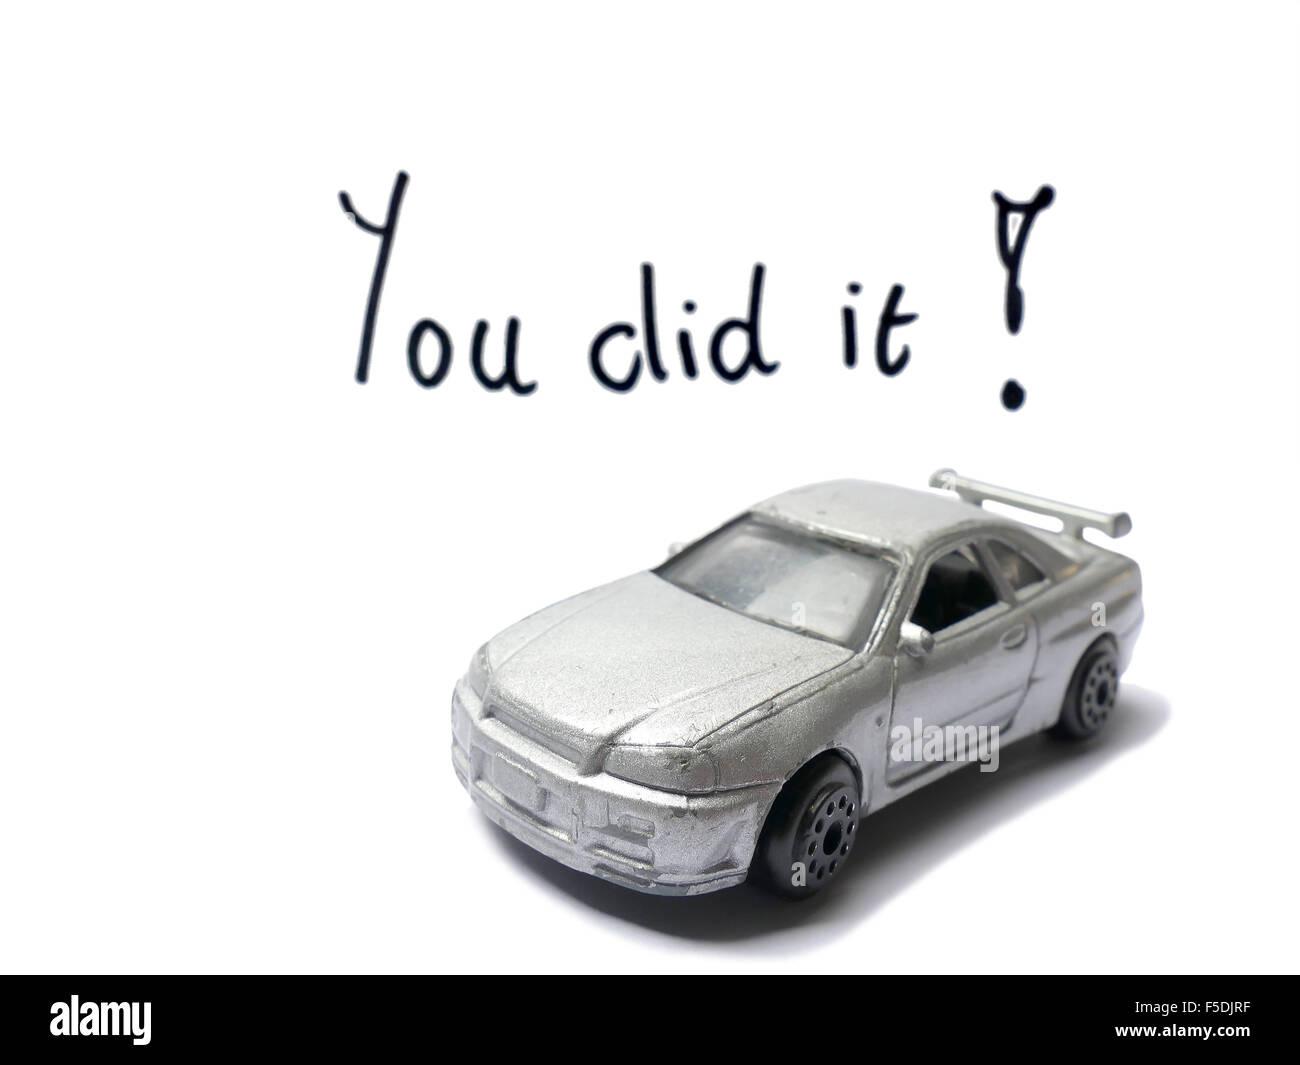 Jouet Ancien Félicitations De Permis Conduire Modèle Voiture Avec 0OPXZNw8nk